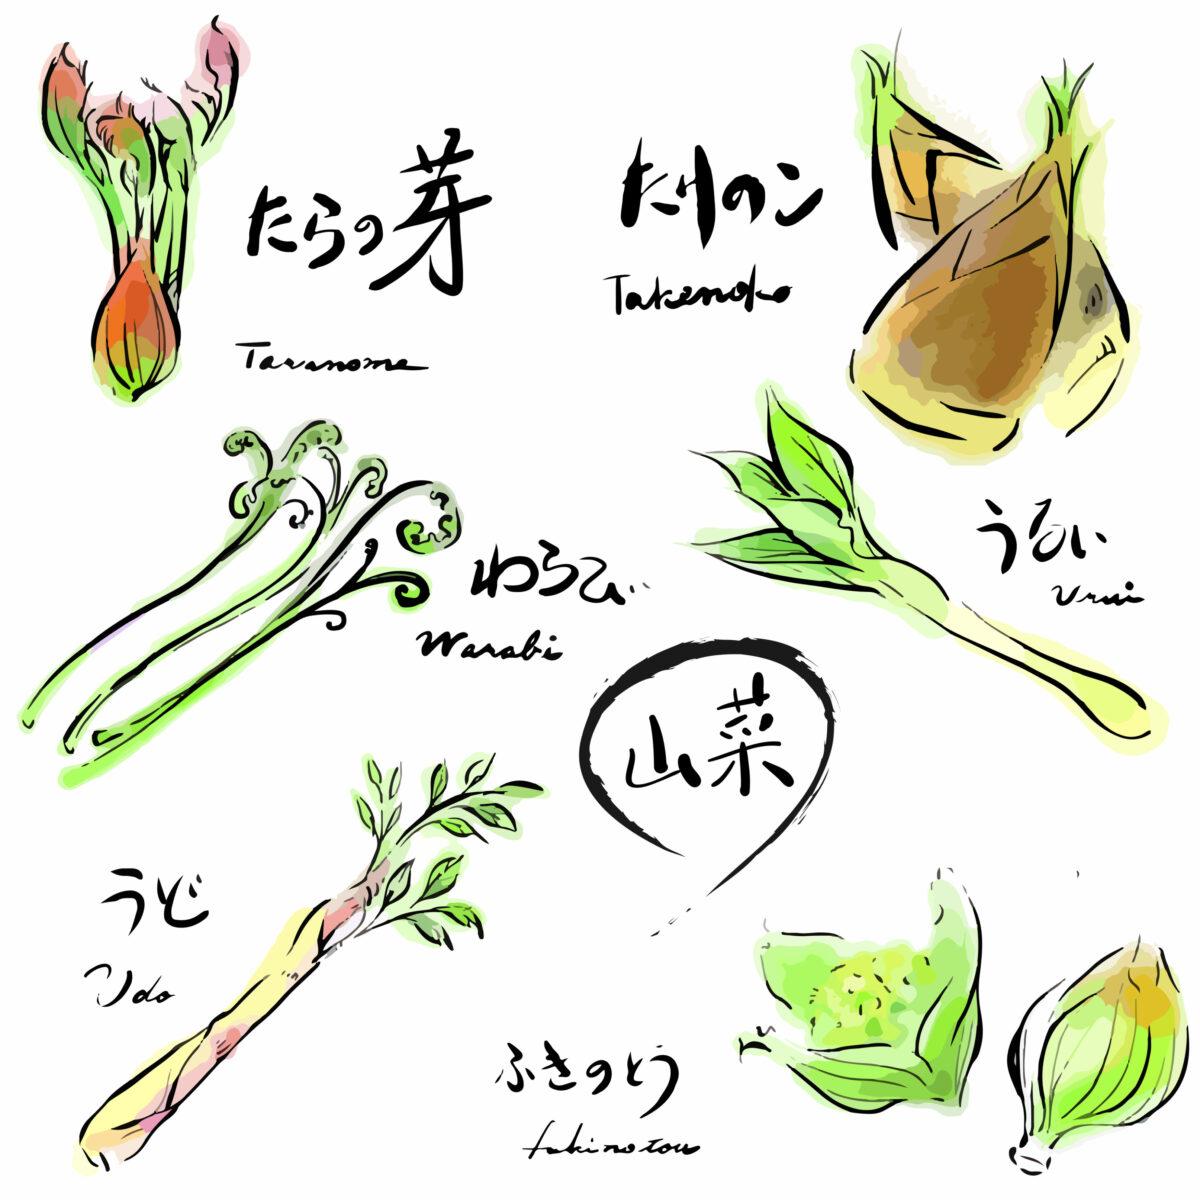 山菜セットのイラスト:タラの芽、タケノコ、わらび、うるい、うど、ふきのとう